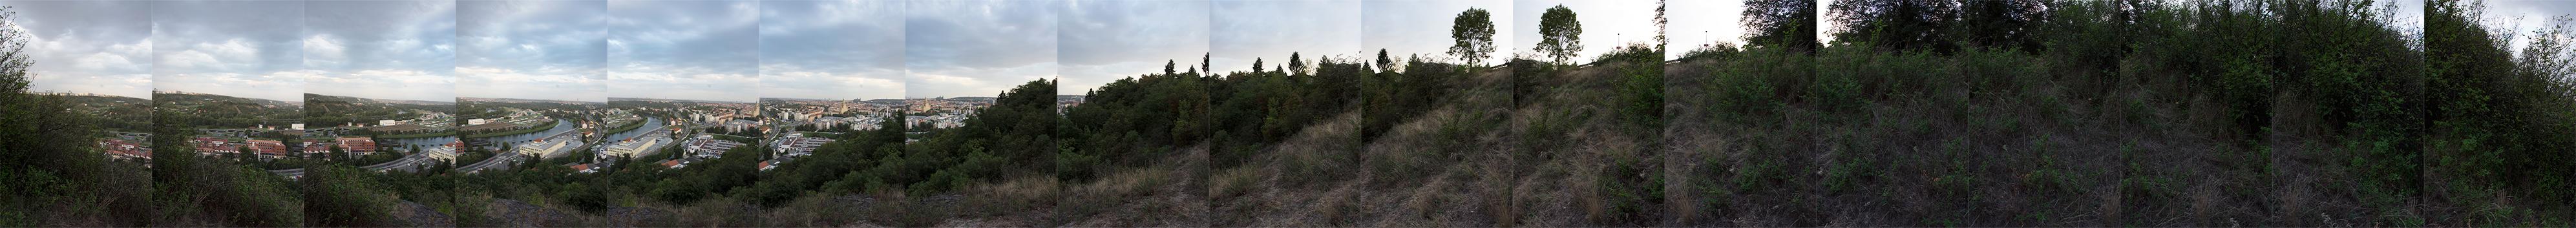 18mm-17shots